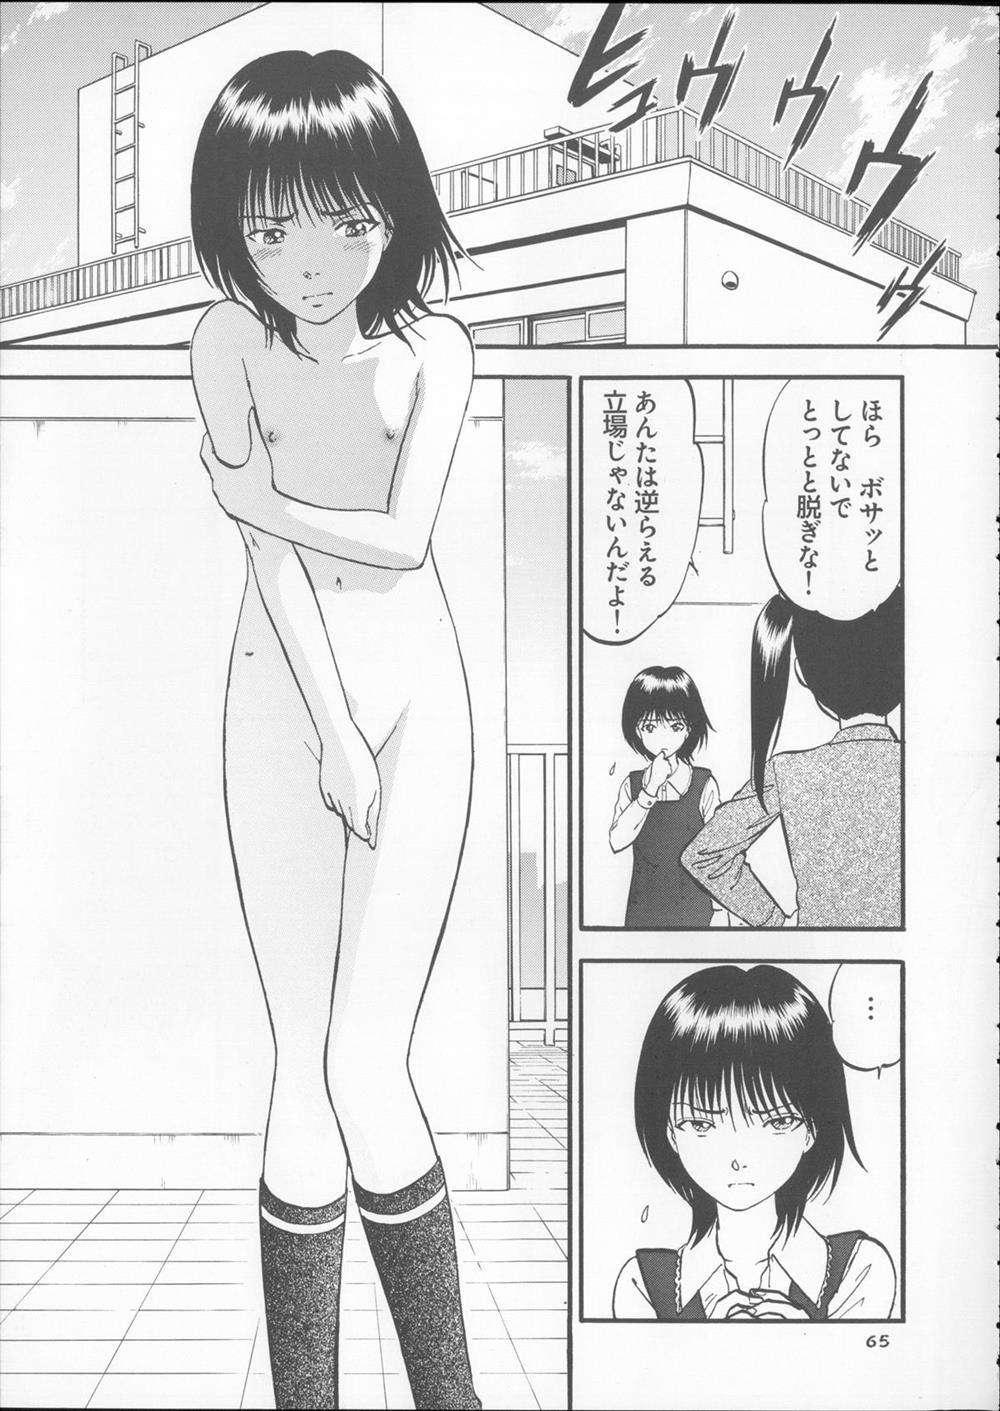 クリトリスの皮を剥かれて敏感になった女の子www同級生にいたずらされまくるwww【エロ漫画・エロ同人】 (64)